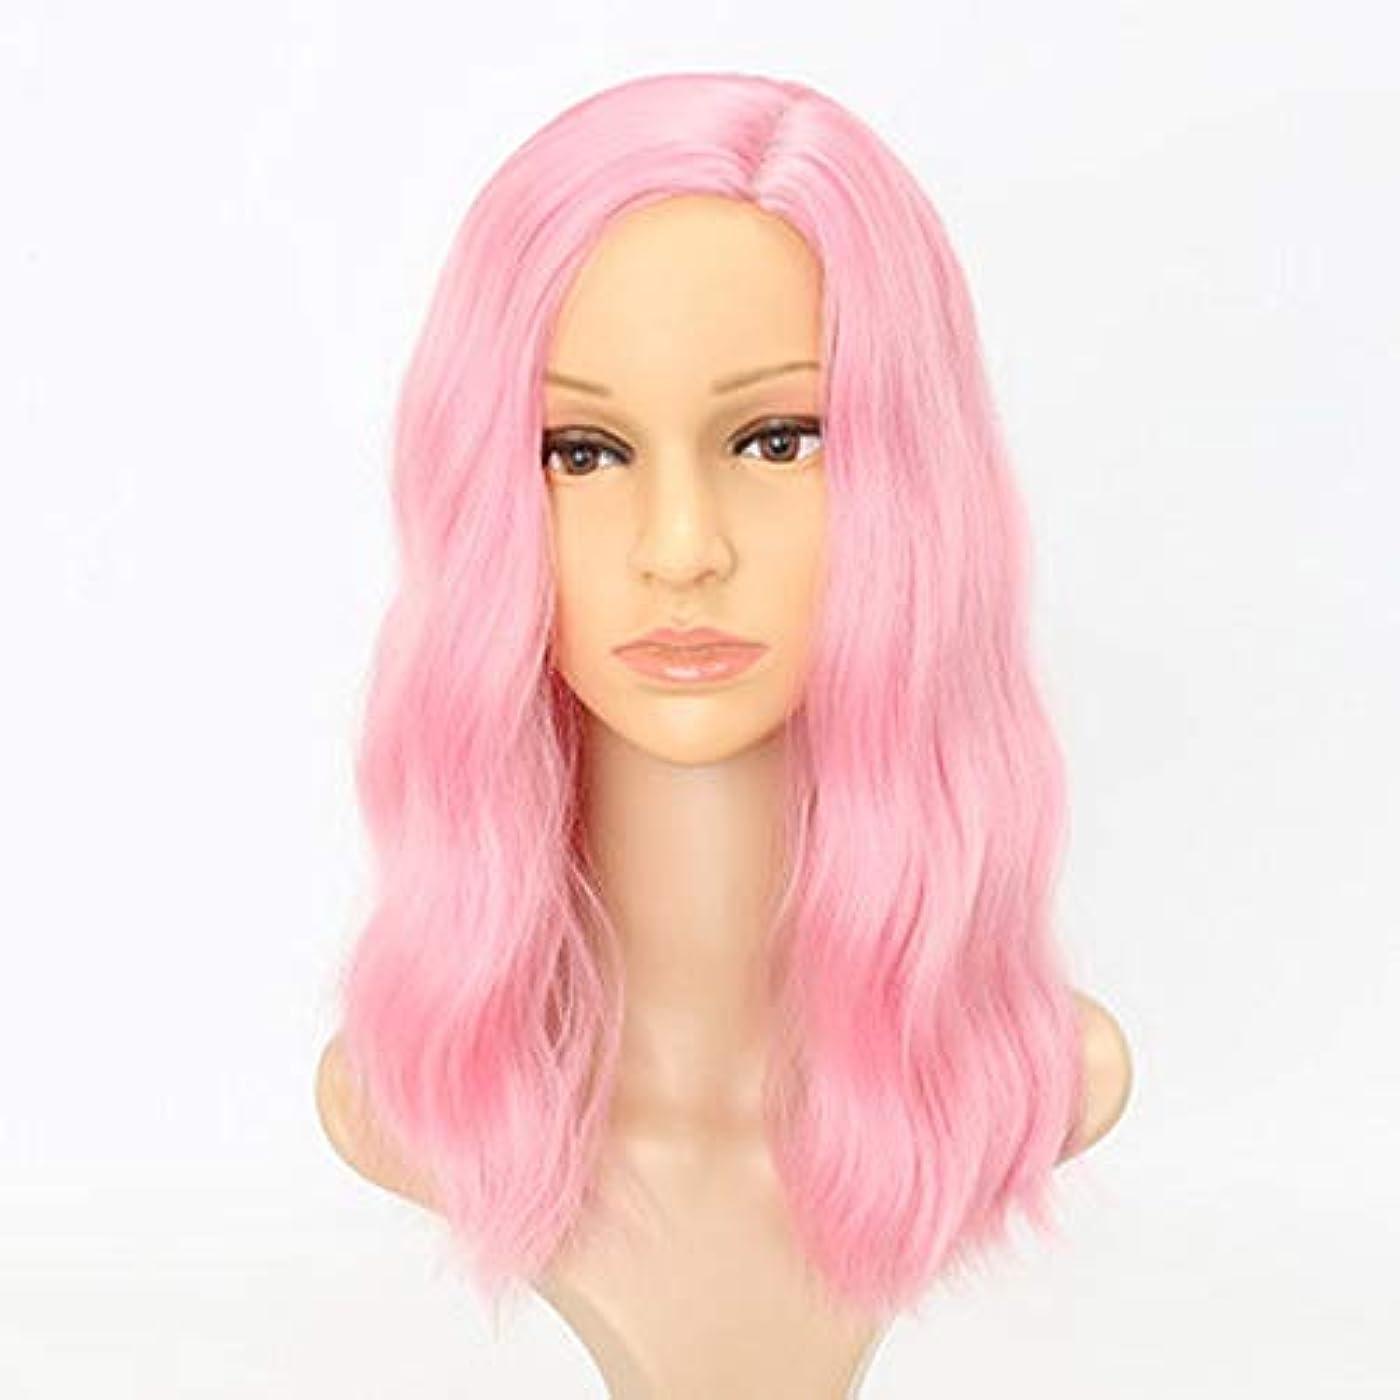 いちゃつくふくろう平方女性のための色のかつら長いウェーブのかかった髪、高密度温度合成かつら女性のグルーレスウェーブのかかったコスプレ髪のかつら、女性のための耐熱繊維の髪のかつら、ピンクのかつら18インチ